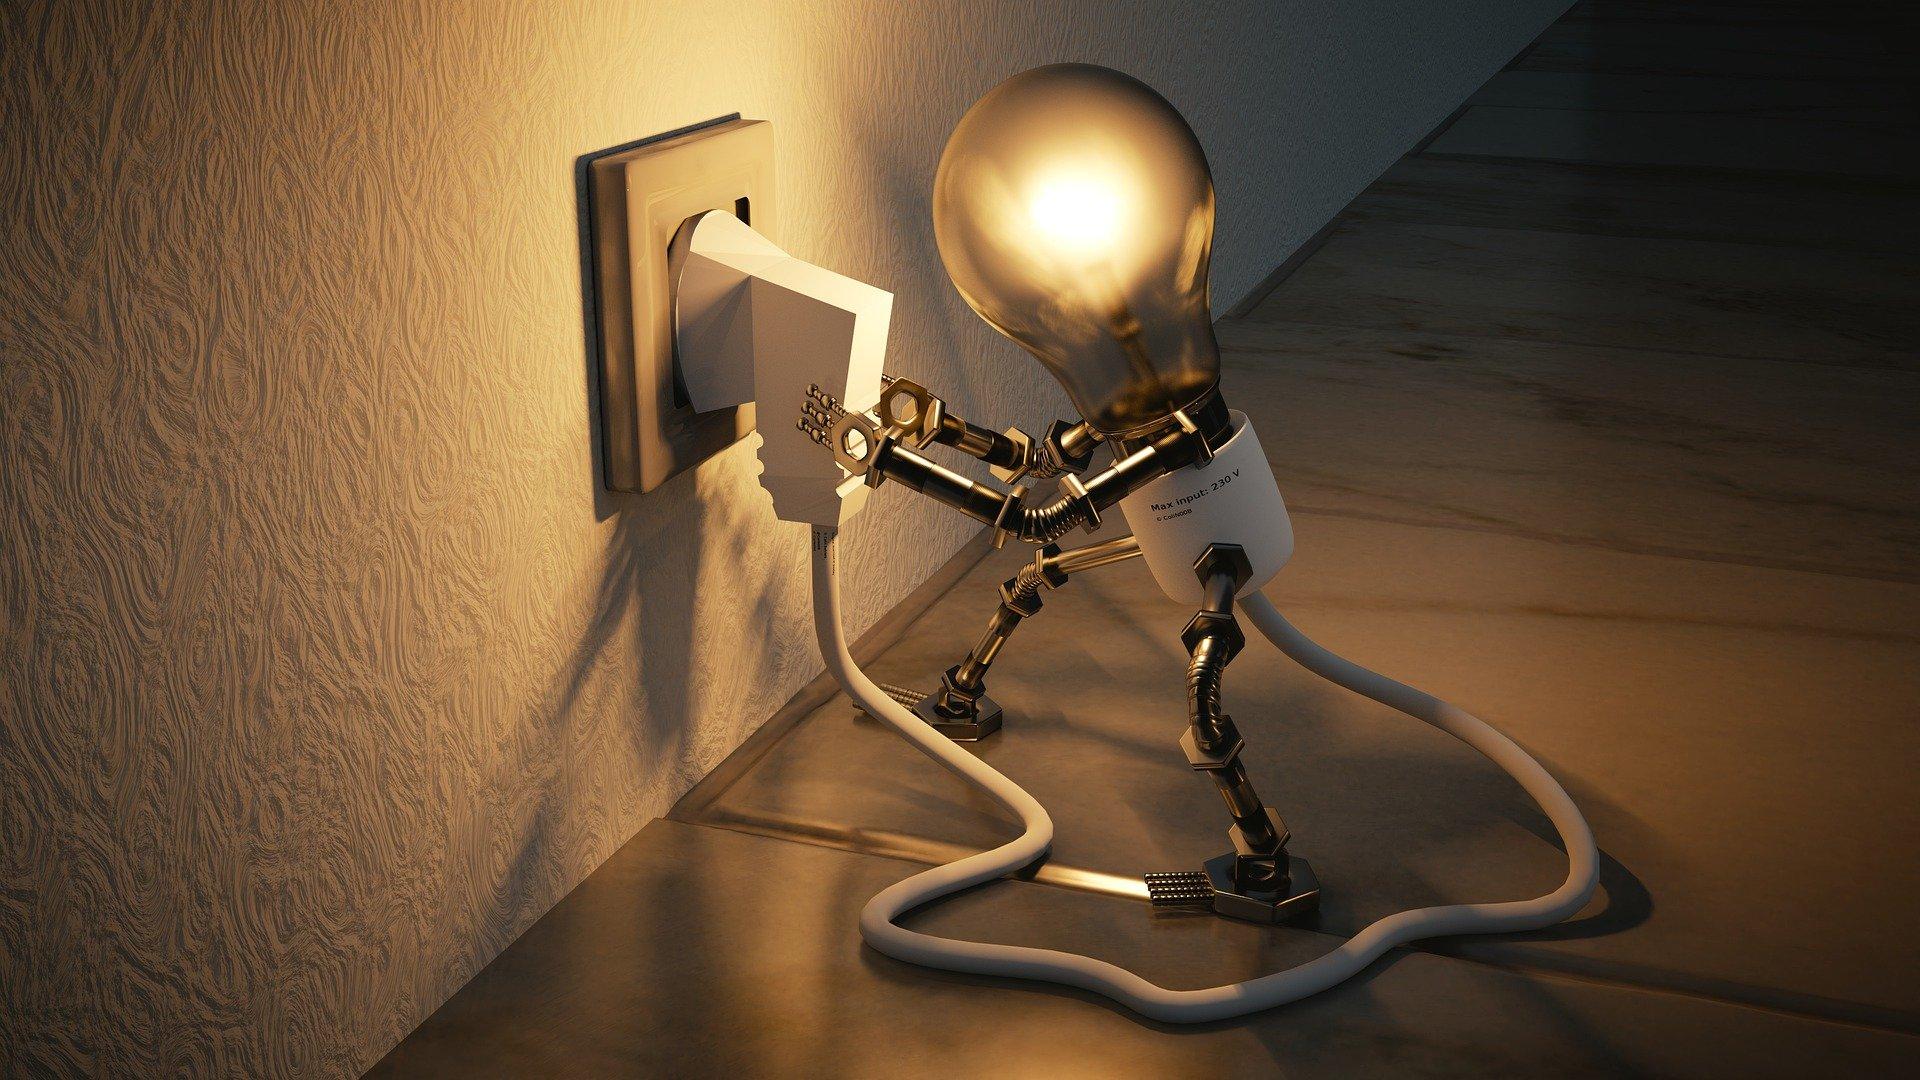 OPÅLITLIGT I INFRASTRUKTUREN:  Gott om energi, men på fel plats och vid fel tidpunkt